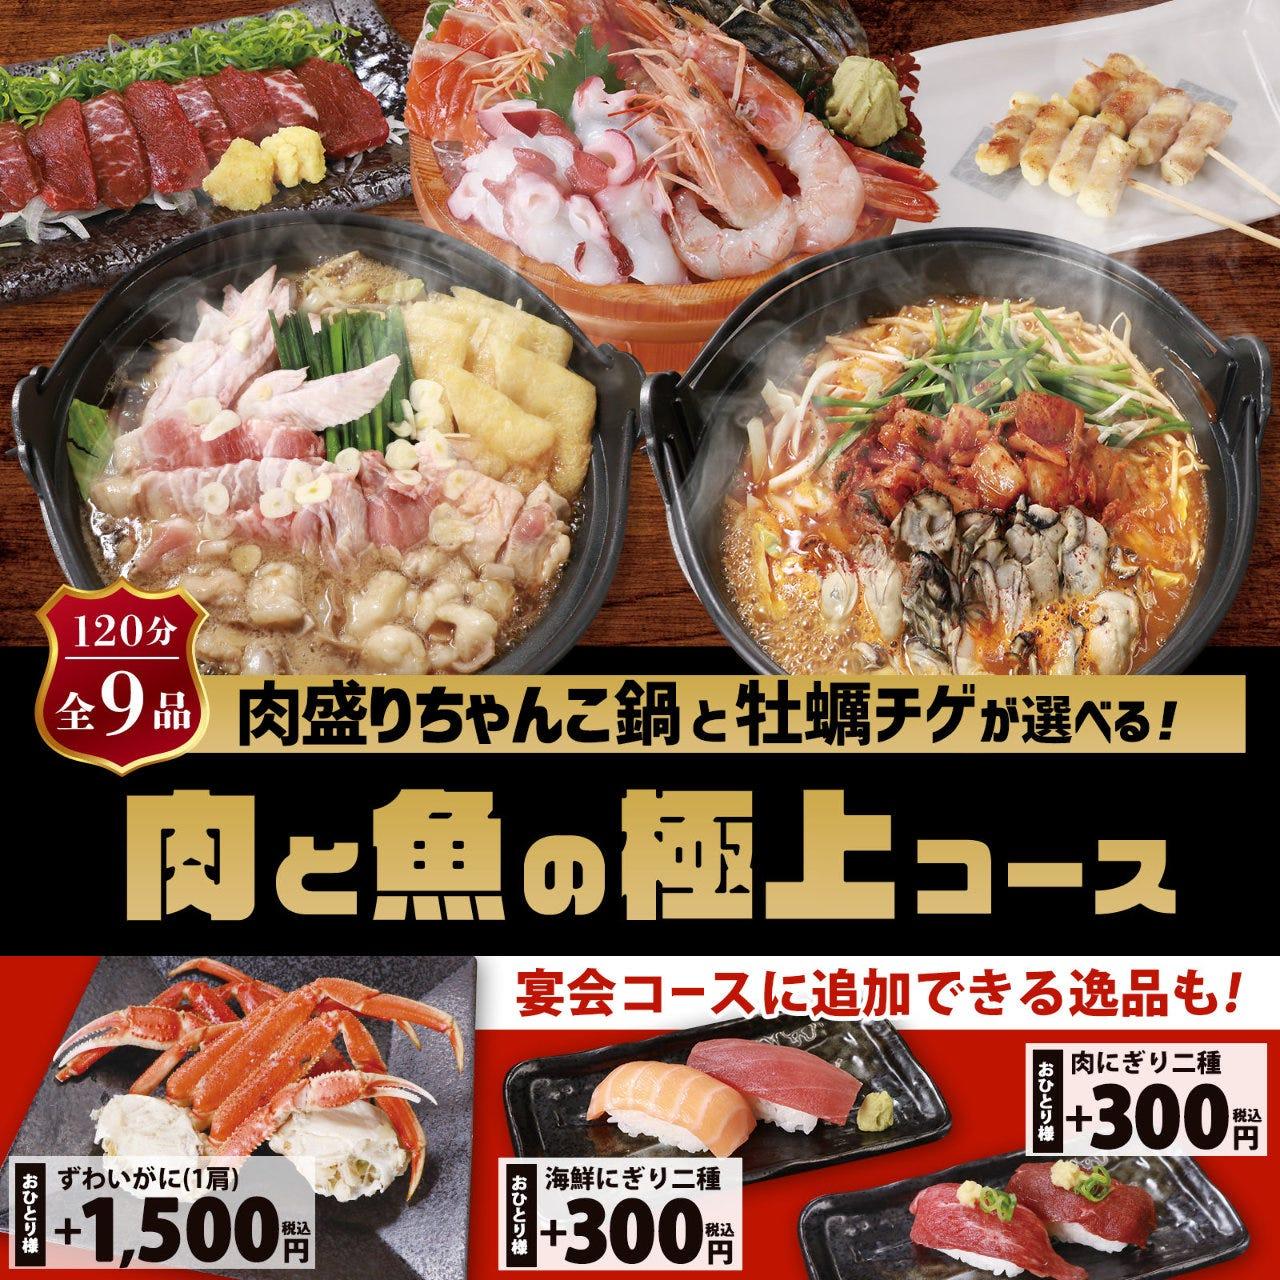 ≪2時間飲み放題≫肉と魚の極上コース【9品】